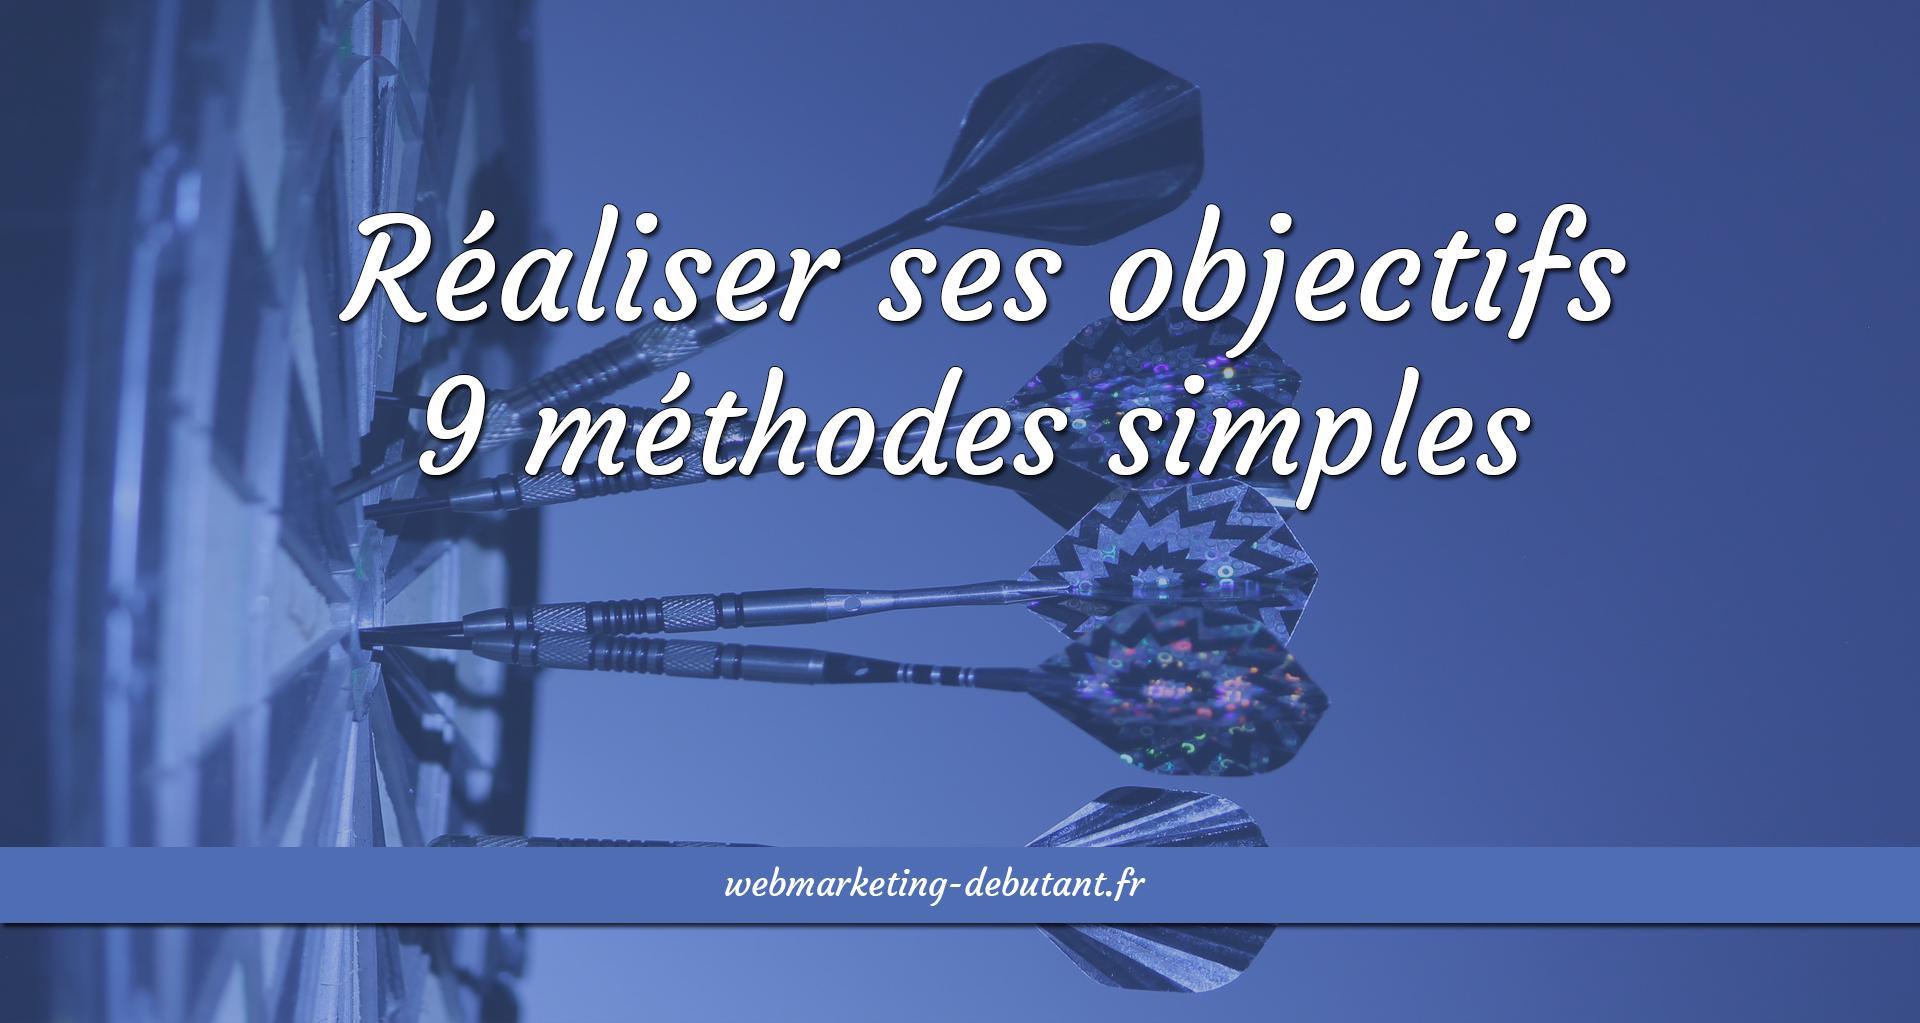 réaliser ses objectifs - 9 méthodes simples